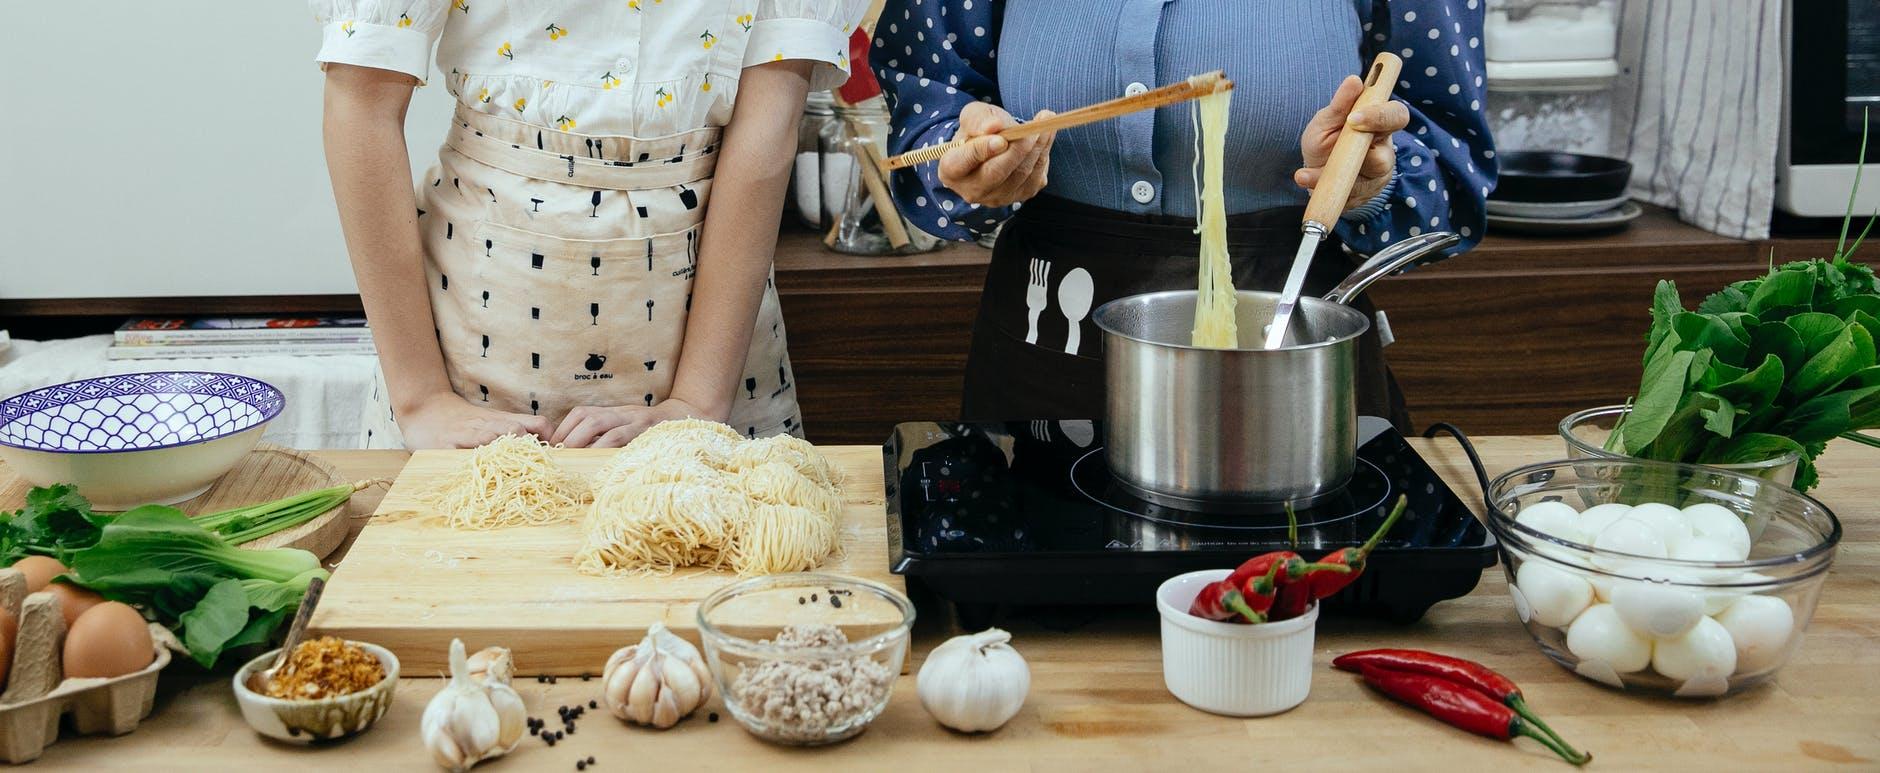 Prepara deliciosa pasta Alfredo con camarones